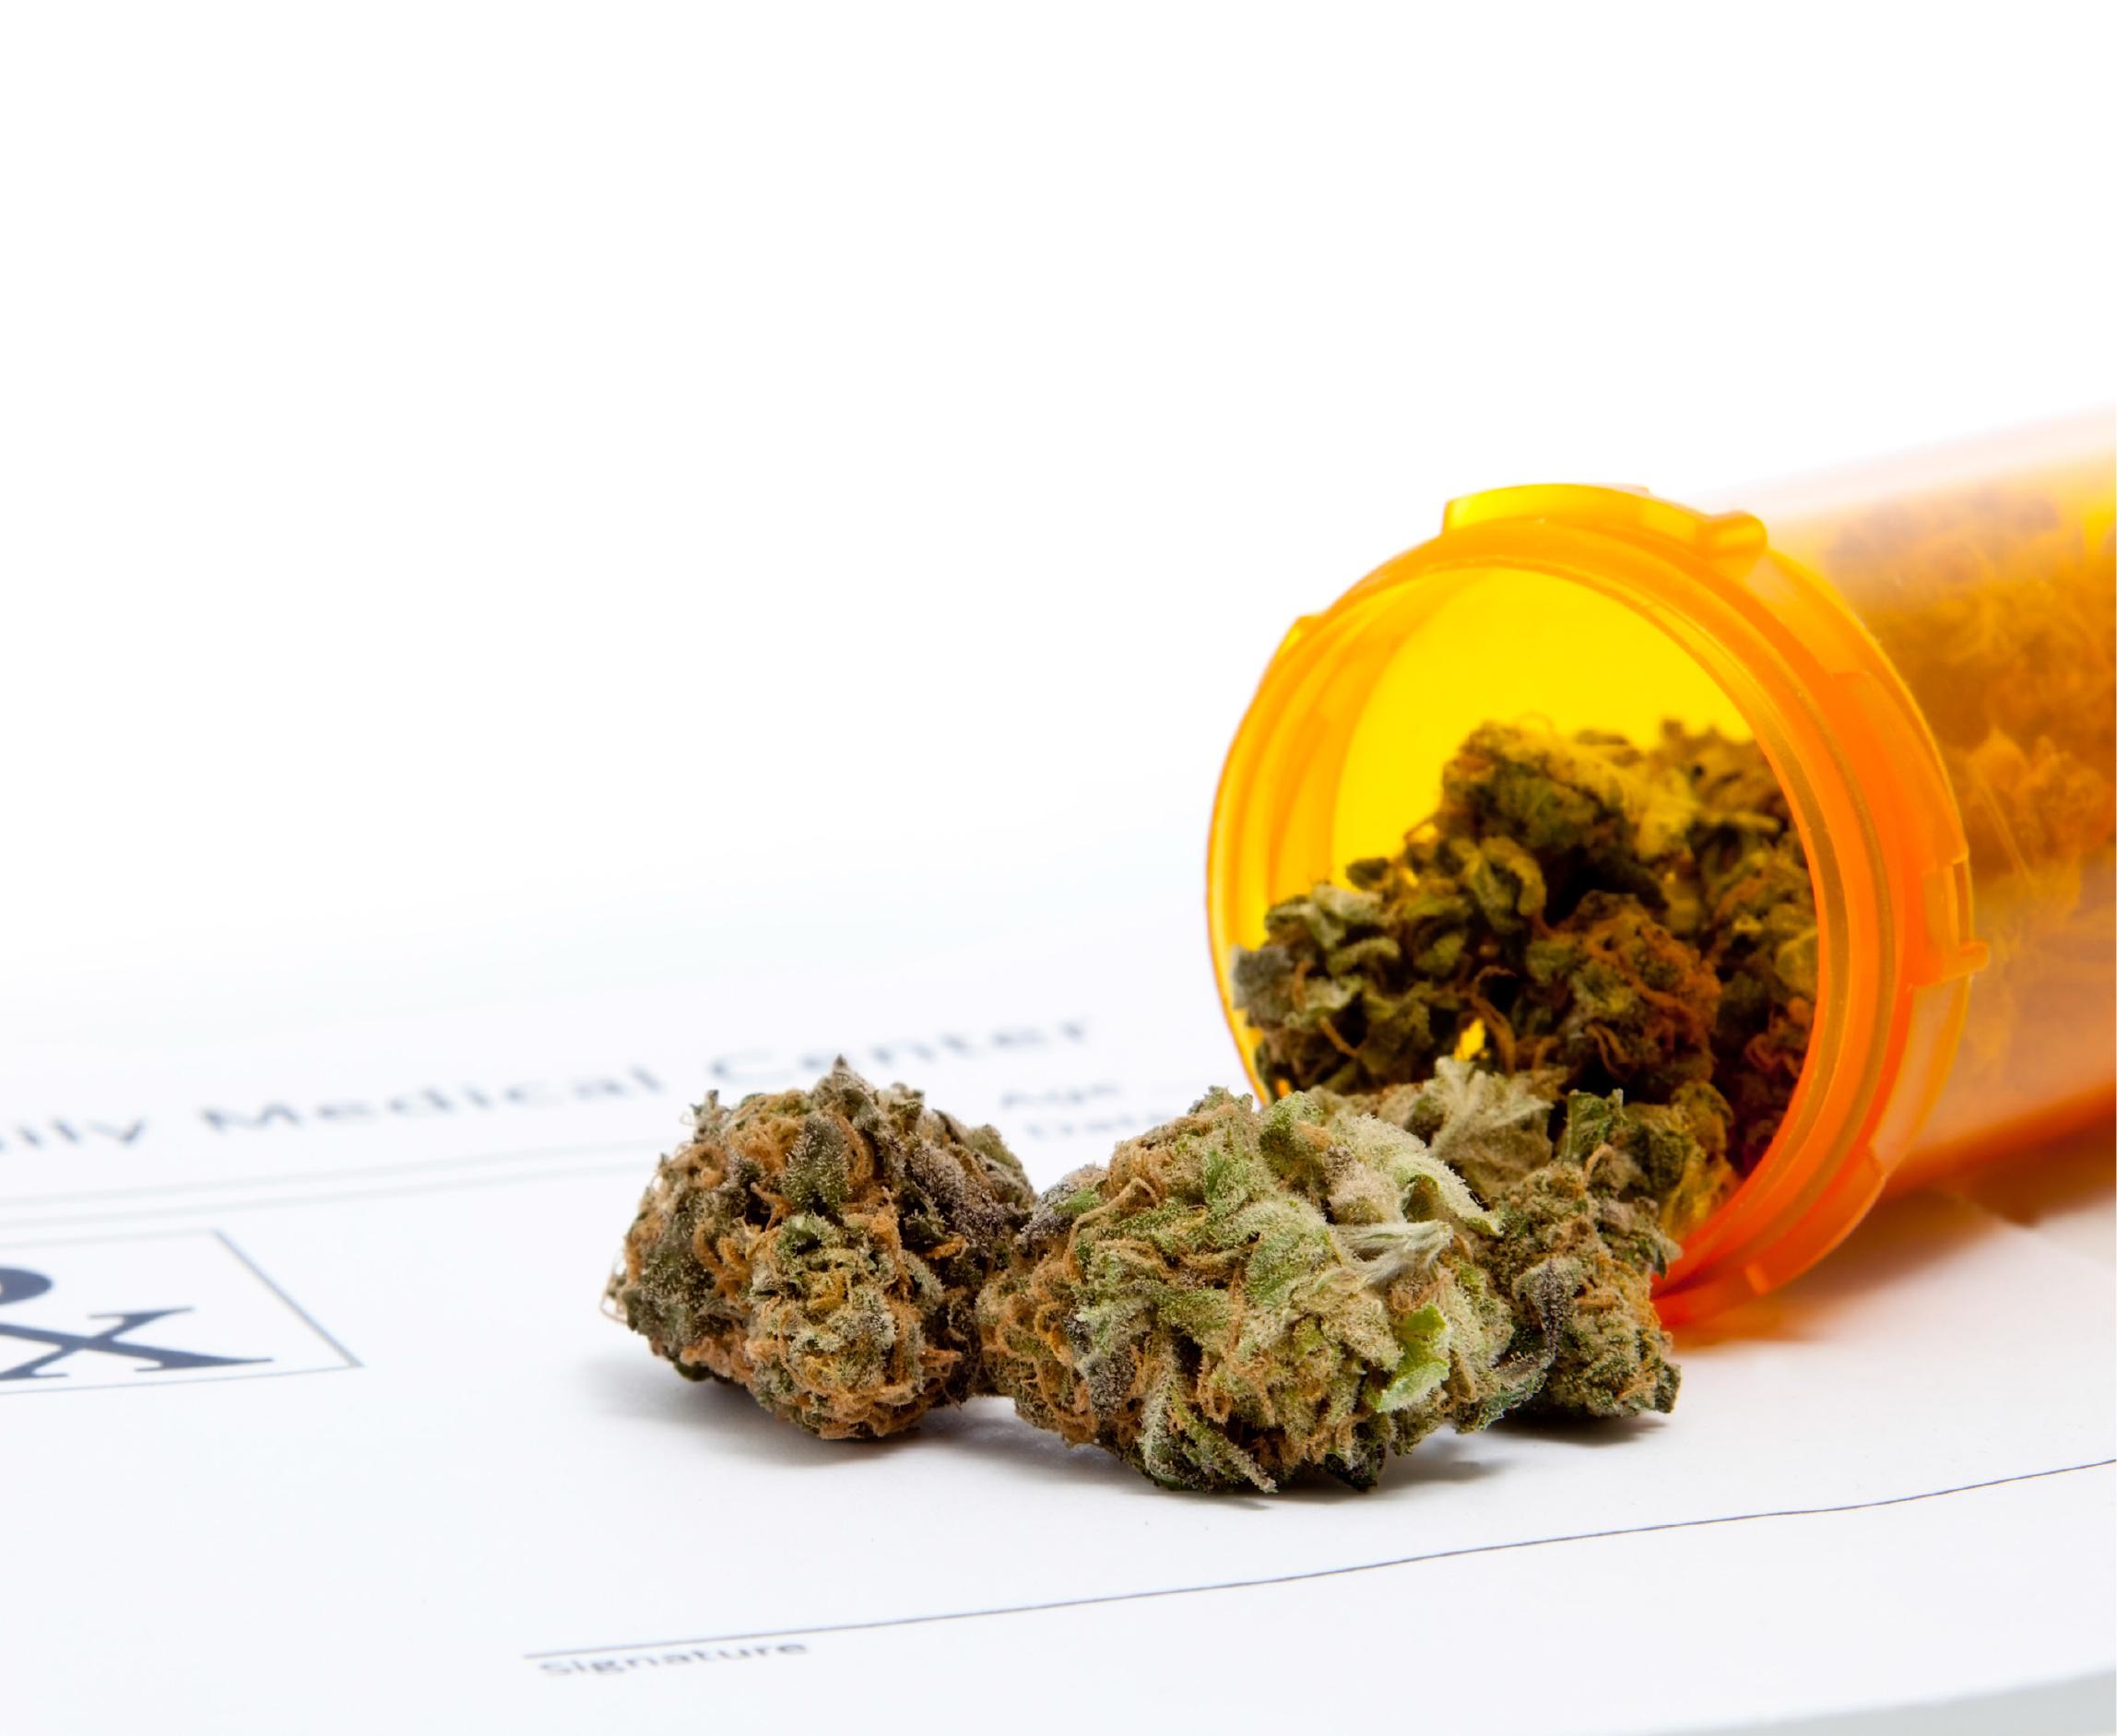 Cannabis & Cancer